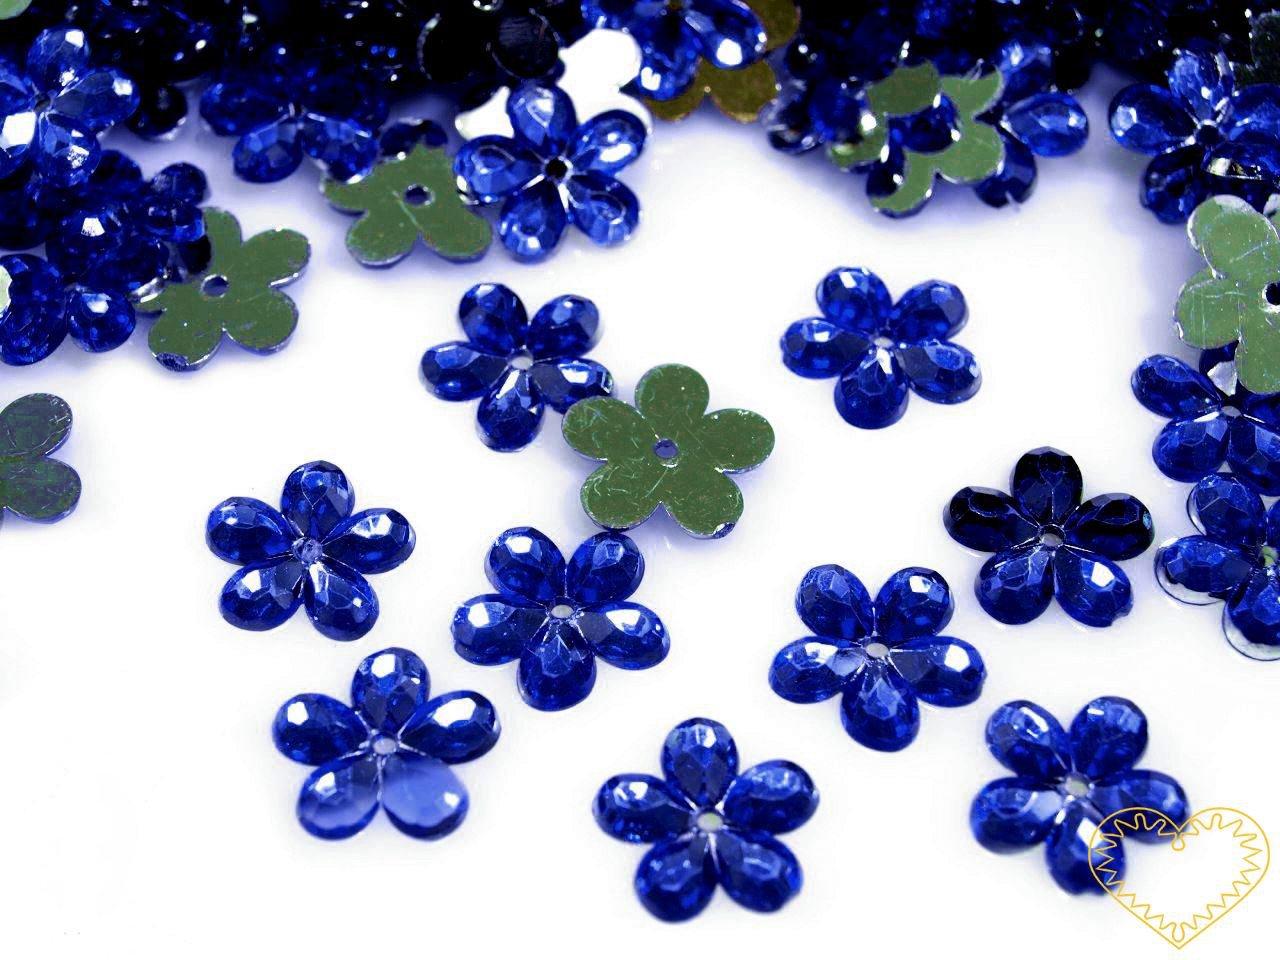 Našívací kytičky modré Ø 11 mm -20 ks. Vhodné k dekorování tašek, kabelek, triček, klobouků, čepic, bot, bytového textilu, při výrobě maňásků, panenek, přáníček ad.